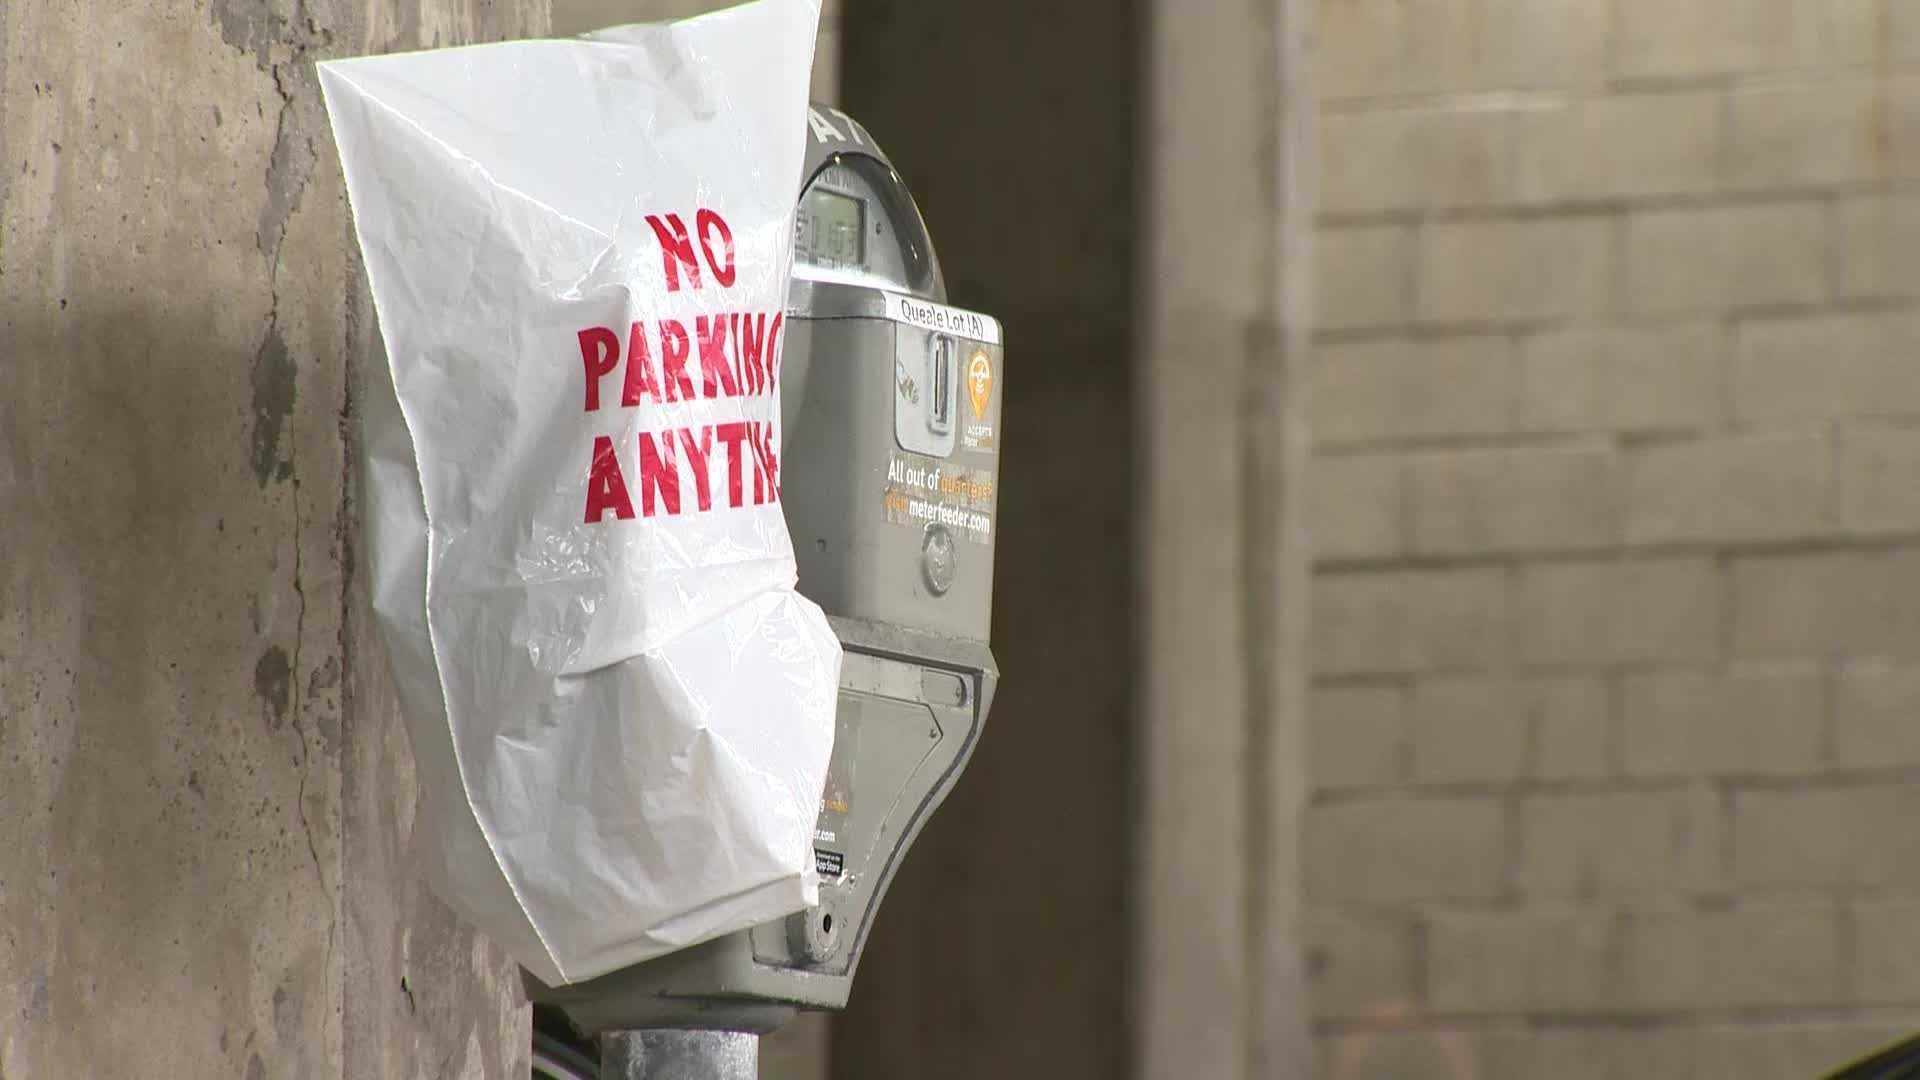 Parking meters stolen